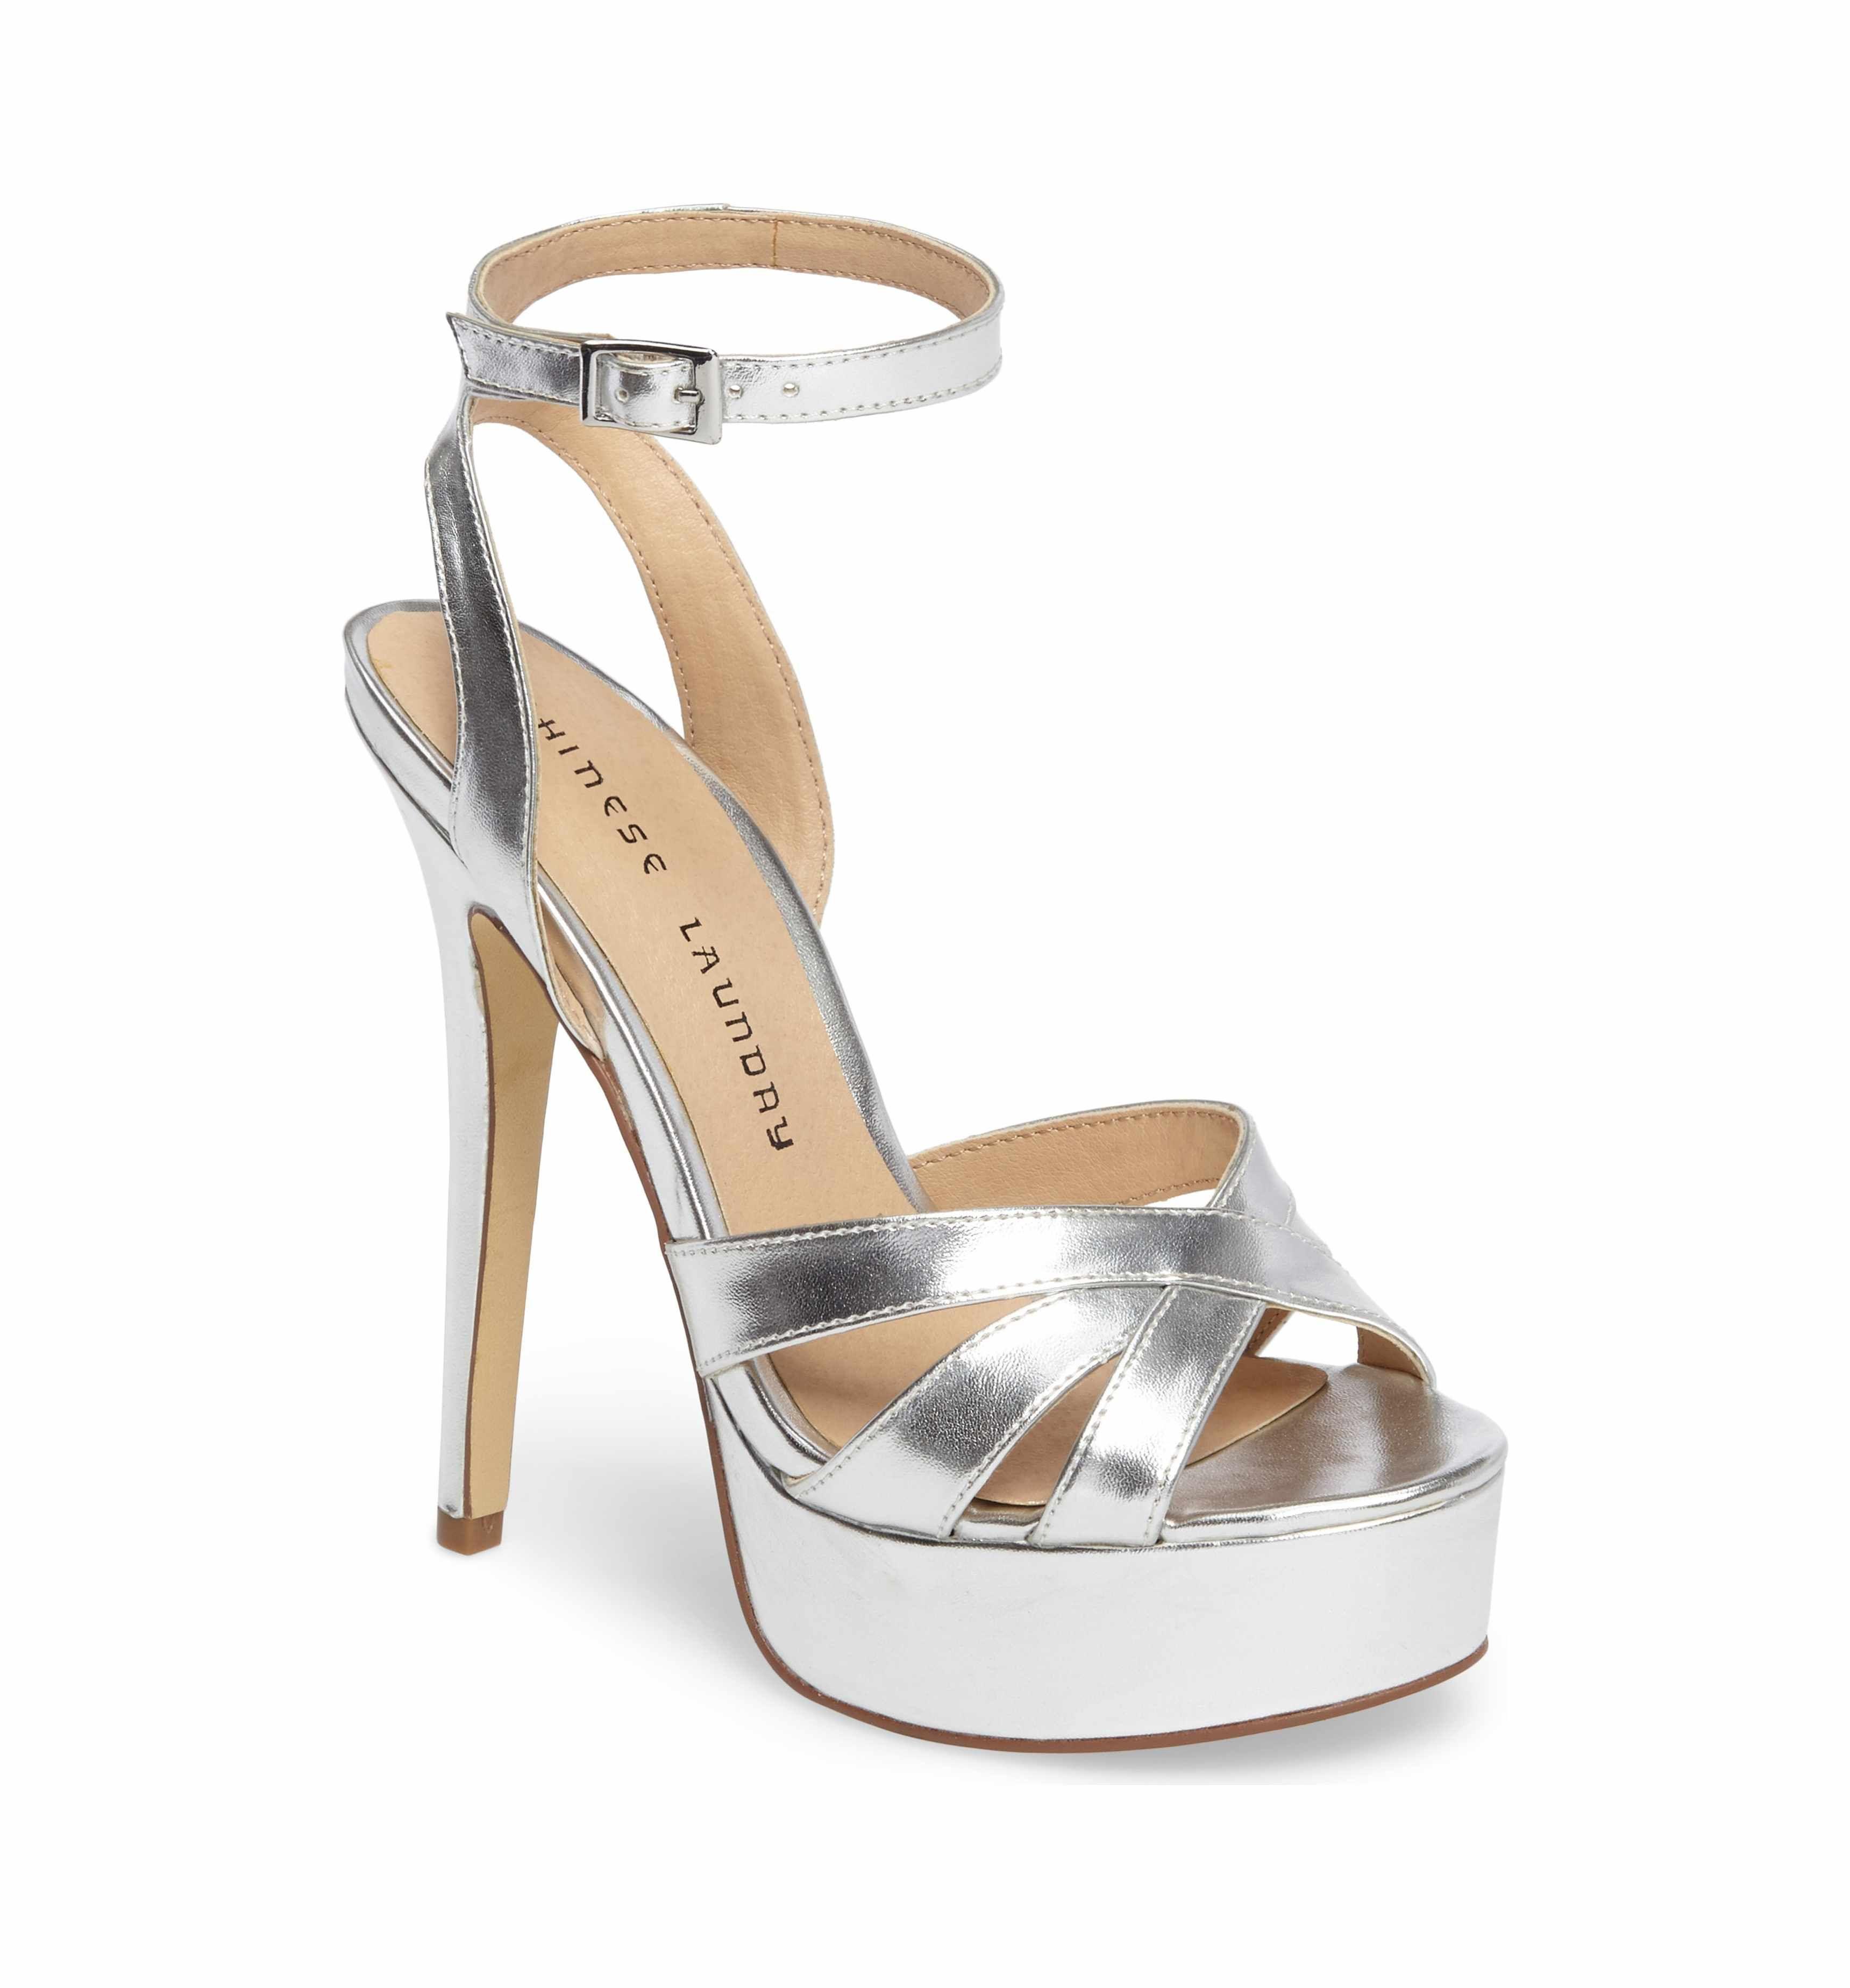 032324696cb Chinese Laundry Alyssa Strappy Platform Sandal)